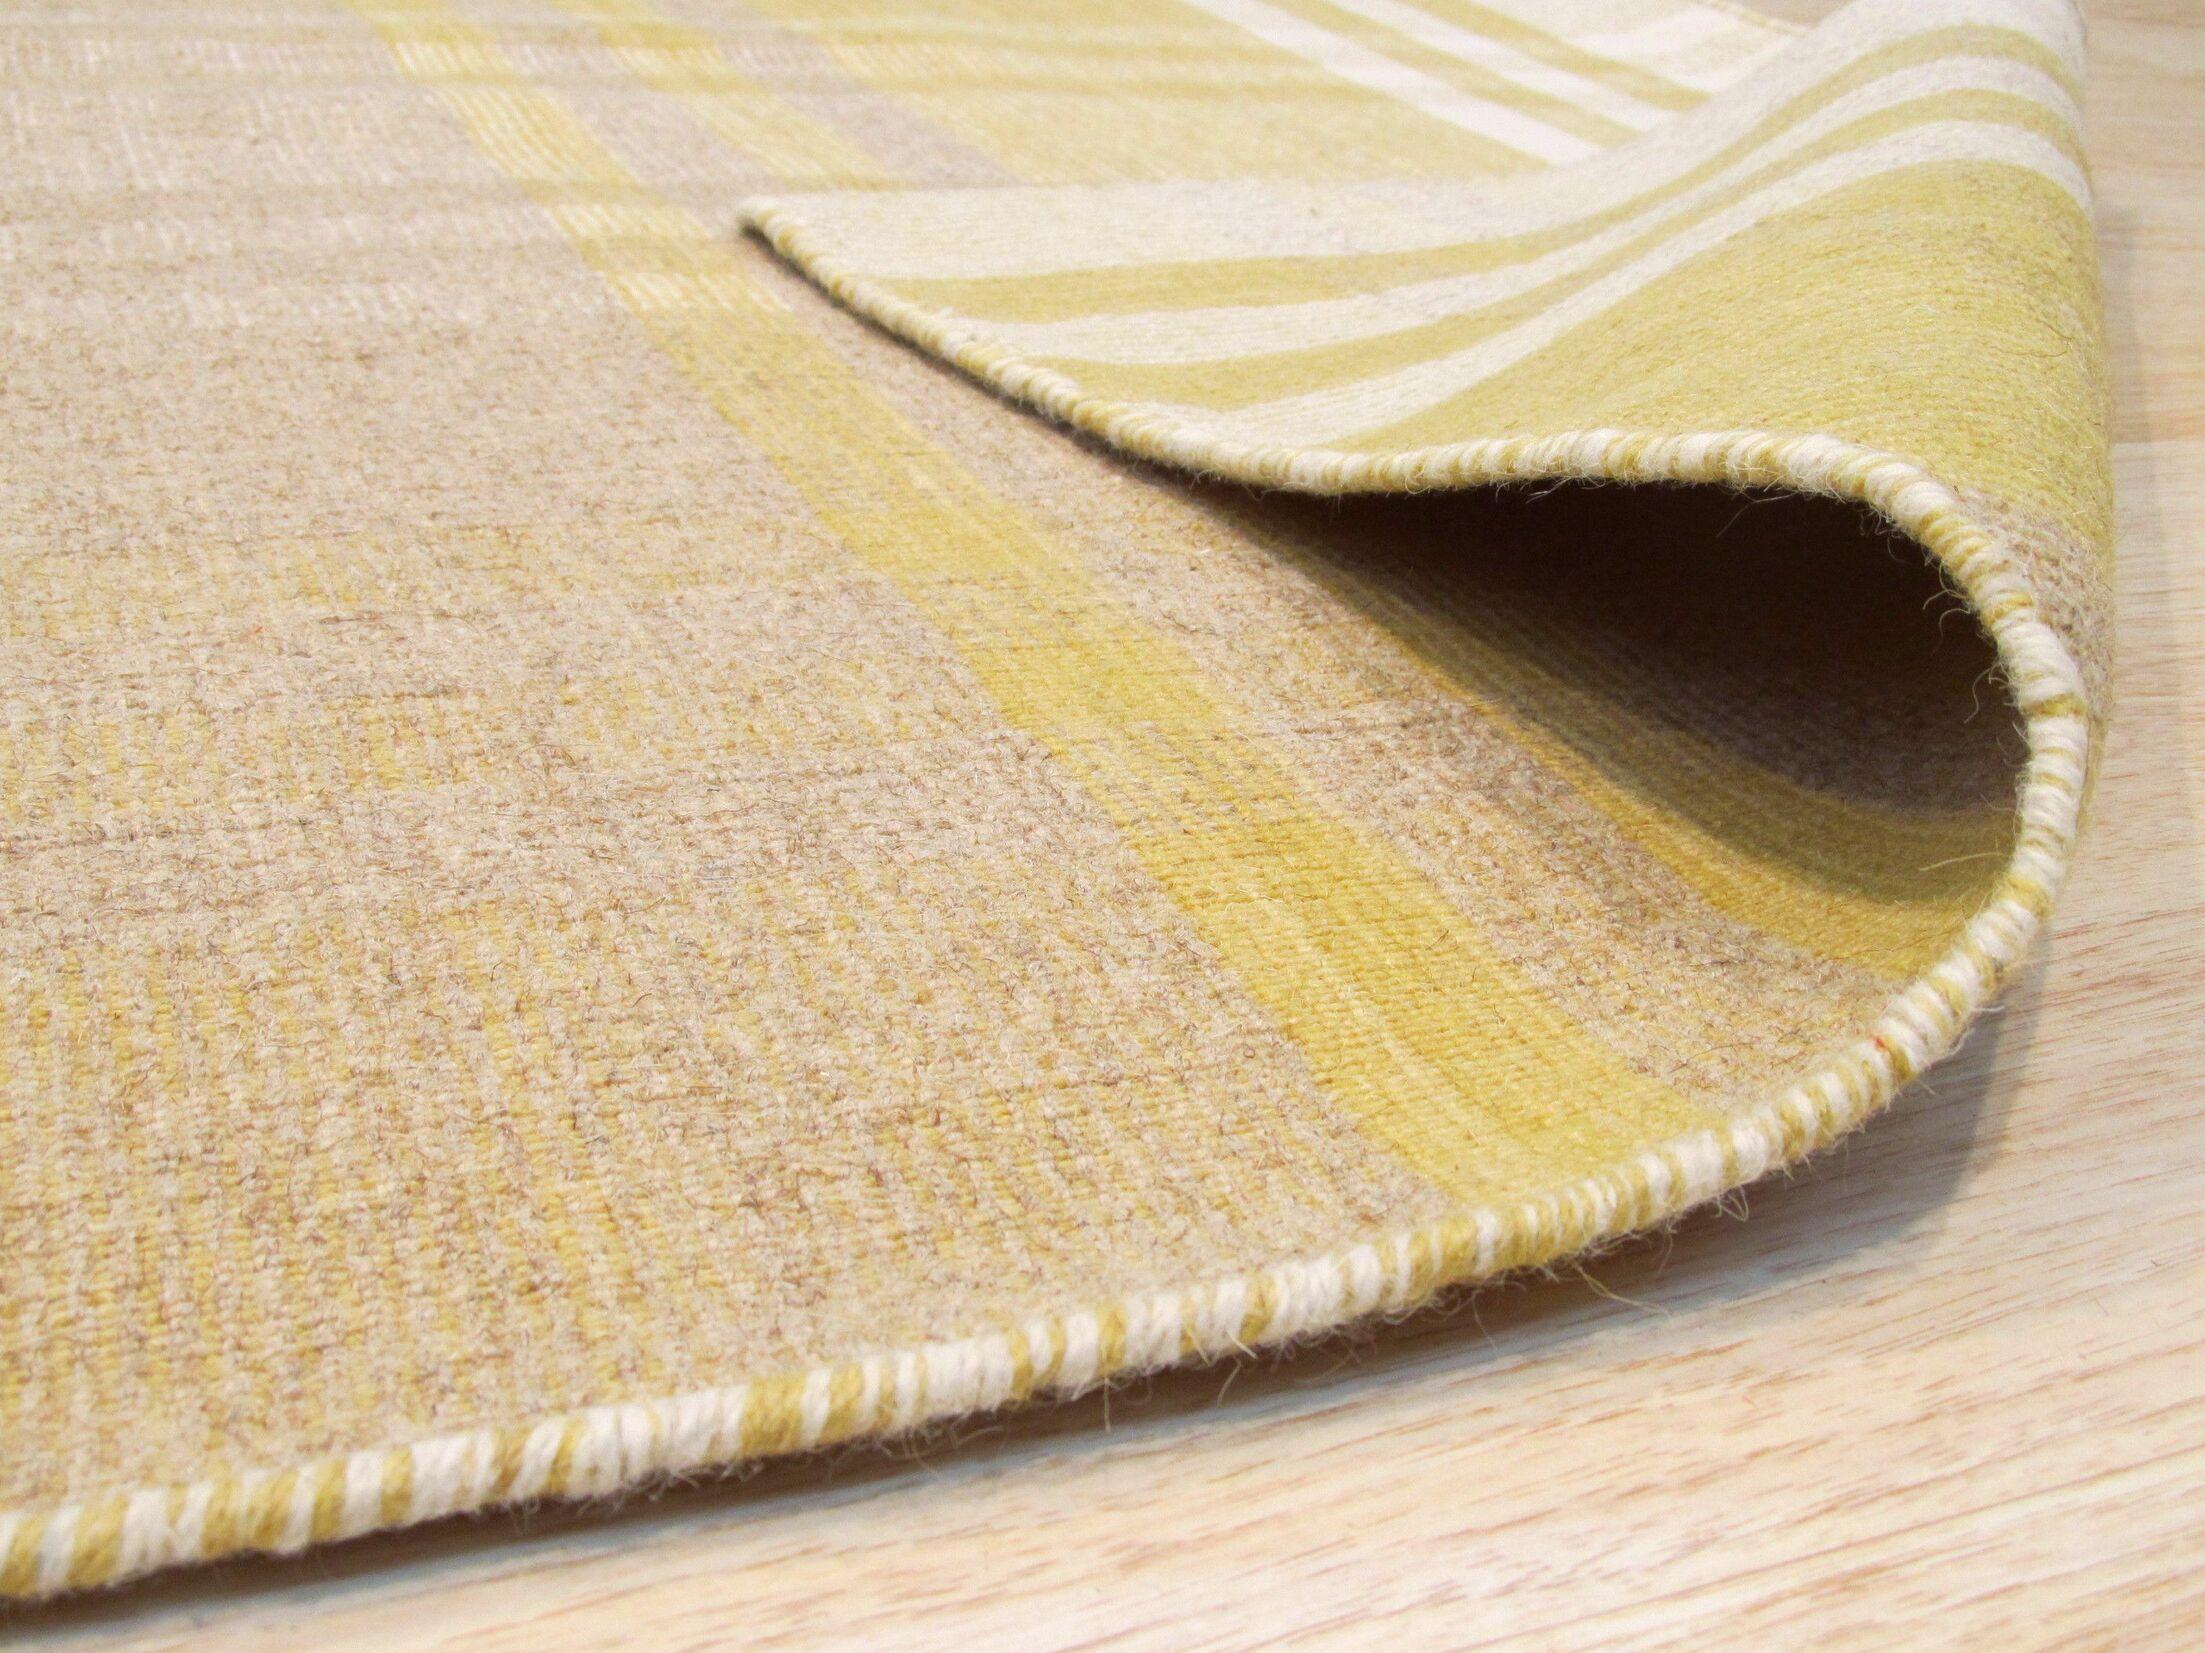 Chelton Hand-Woven Wool Yellow Area Rug Rug Size: 9' x 12'